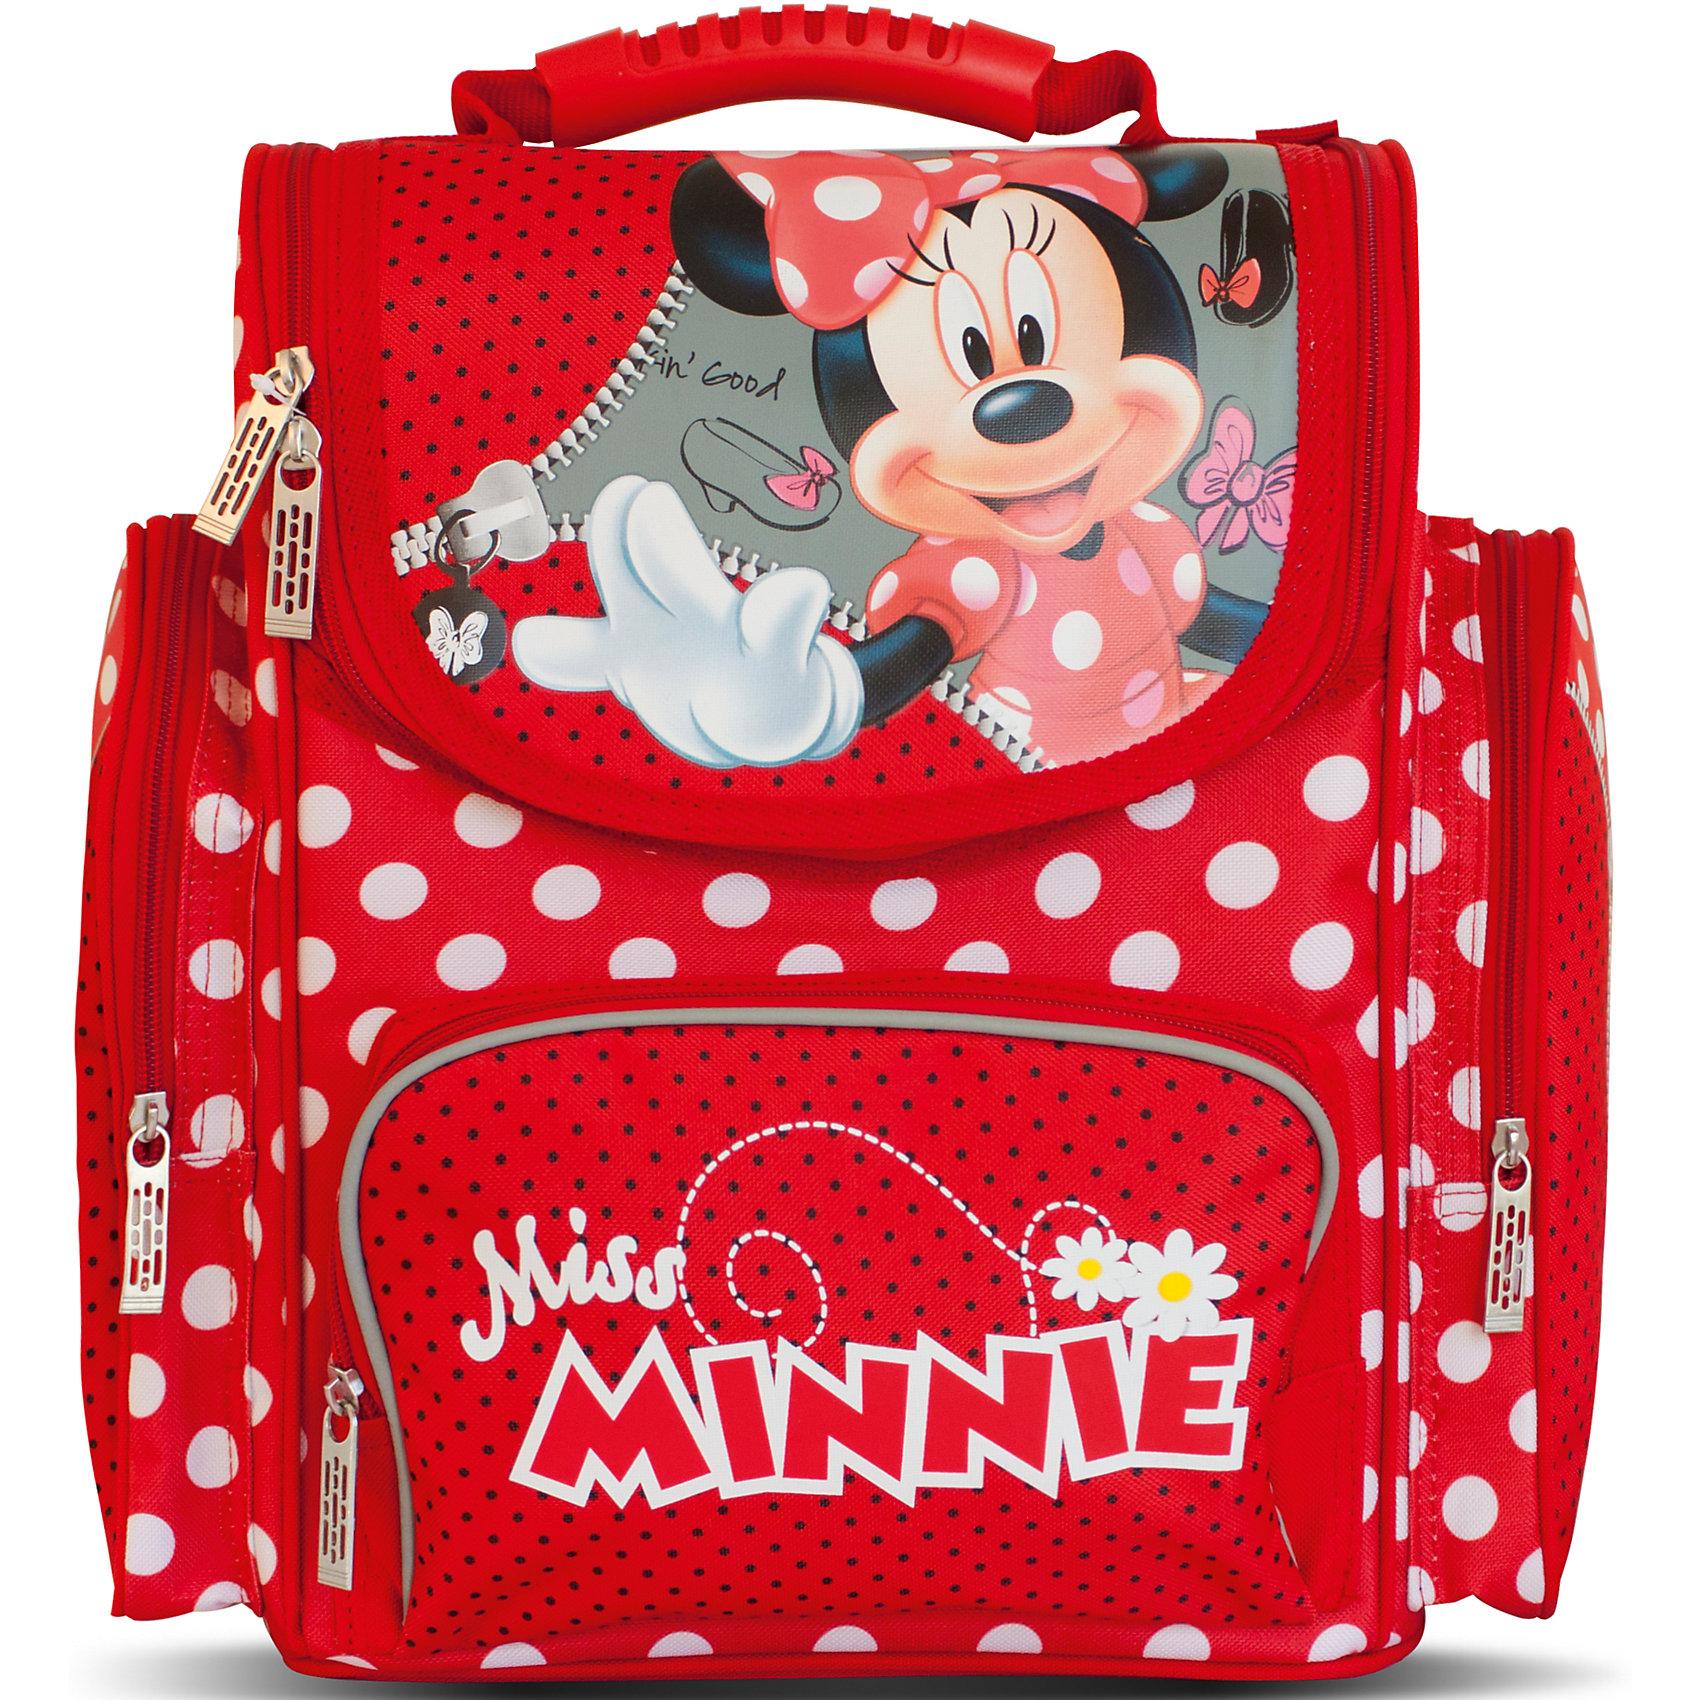 Ортопедический рюкзак Минни МаусОртопедический средний рюкзак Disney «Минни» идеален для учебы в школе. Он имеет одно основное отделение на молнии, подходящее для формата А4, с двумя отсеками для тетрадей и прозрачным кармашком для личной карточки. Спереди находится карман на молнии, вмещающий пенал, а по бокам – два кармана на молнии высотой 24 см. Удобная ортопедическая спинка, созданная по специальной технологии из дышащего плотного и мягкого поролона, равномерно распределяет нагрузку на позвоночник. Мягкие анатомические регулируемые лямки оберегают плечи ребенка от натирания. Светоотражающие элементы, расположенные на лямках и лицевом кармане, повышают безопасность ребенка на дороге в темное время суток. Пластиковая ручка удобна для переноски рюкзака в руке или размещения на вешалке. <br>Аксессуар декорирован модным принтом (сублимированной печатью). <br><br>Дополнительная информация:<br><br>Размер: 31х29х15 см.<br>Вес: 810 г.<br><br>Ортопедический средний рюкзак Минни Маус можно купить в нашем магазине.<br><br>Ширина мм: 350<br>Глубина мм: 320<br>Высота мм: 170<br>Вес г: 810<br>Возраст от месяцев: 36<br>Возраст до месяцев: 120<br>Пол: Женский<br>Возраст: Детский<br>SKU: 4646741